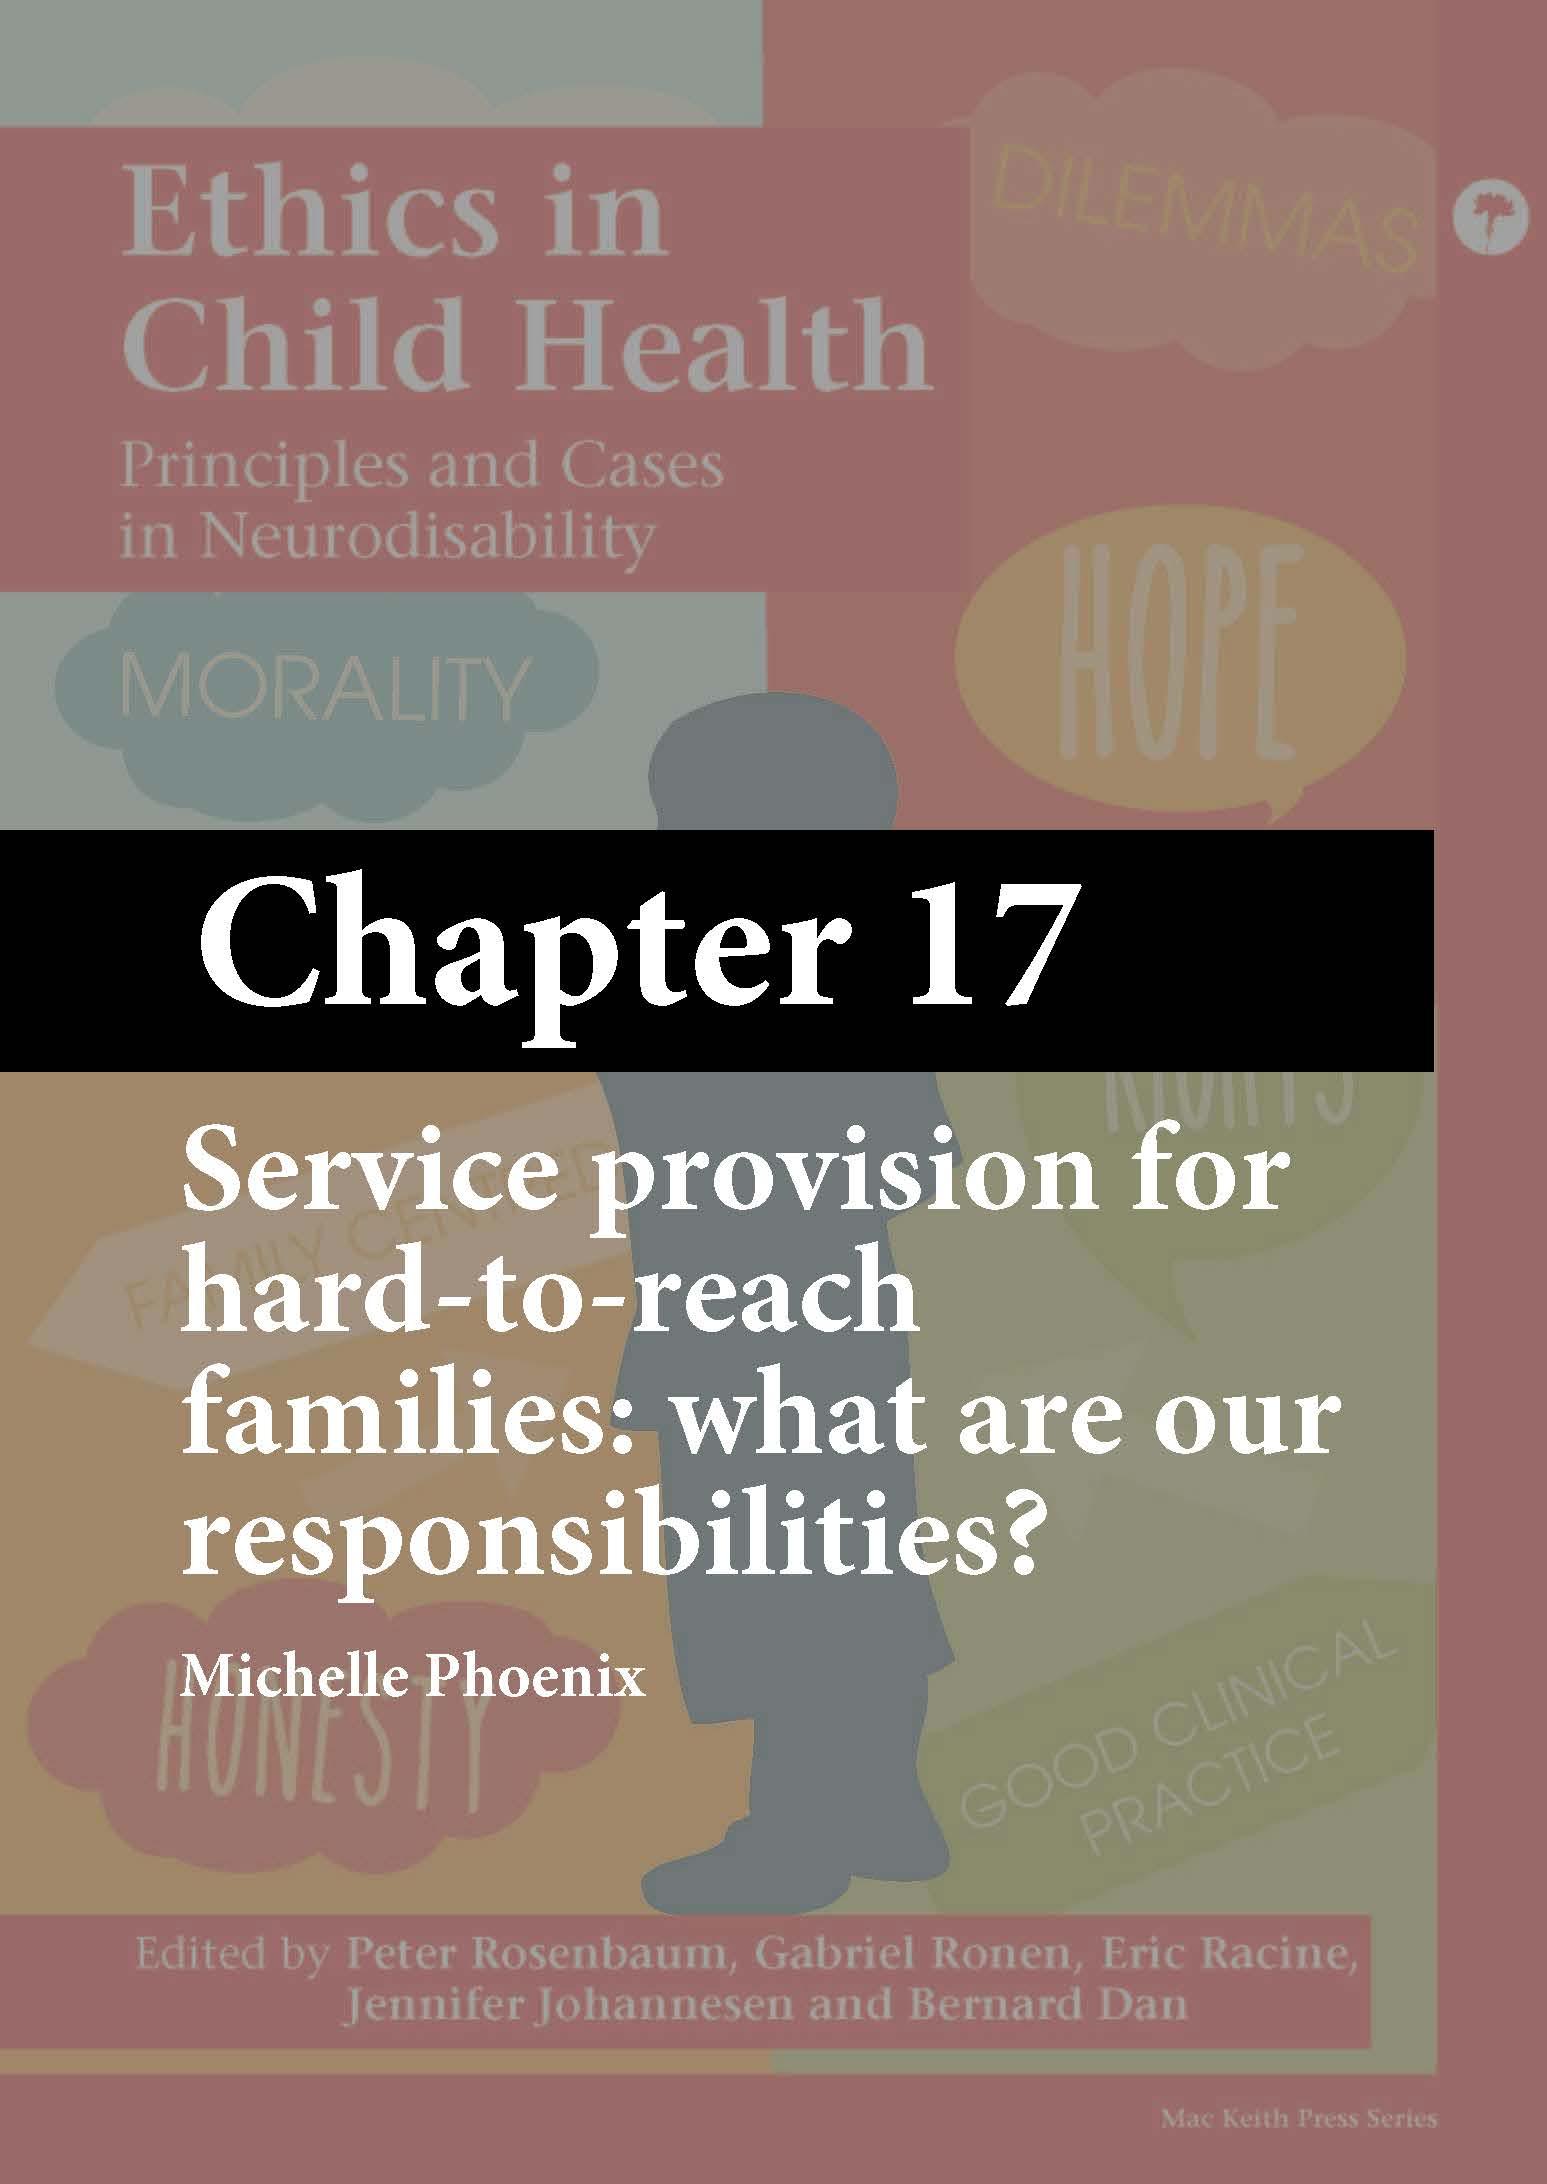 Ethics in Child Health, Rosenbaum, Chapter 17 cover